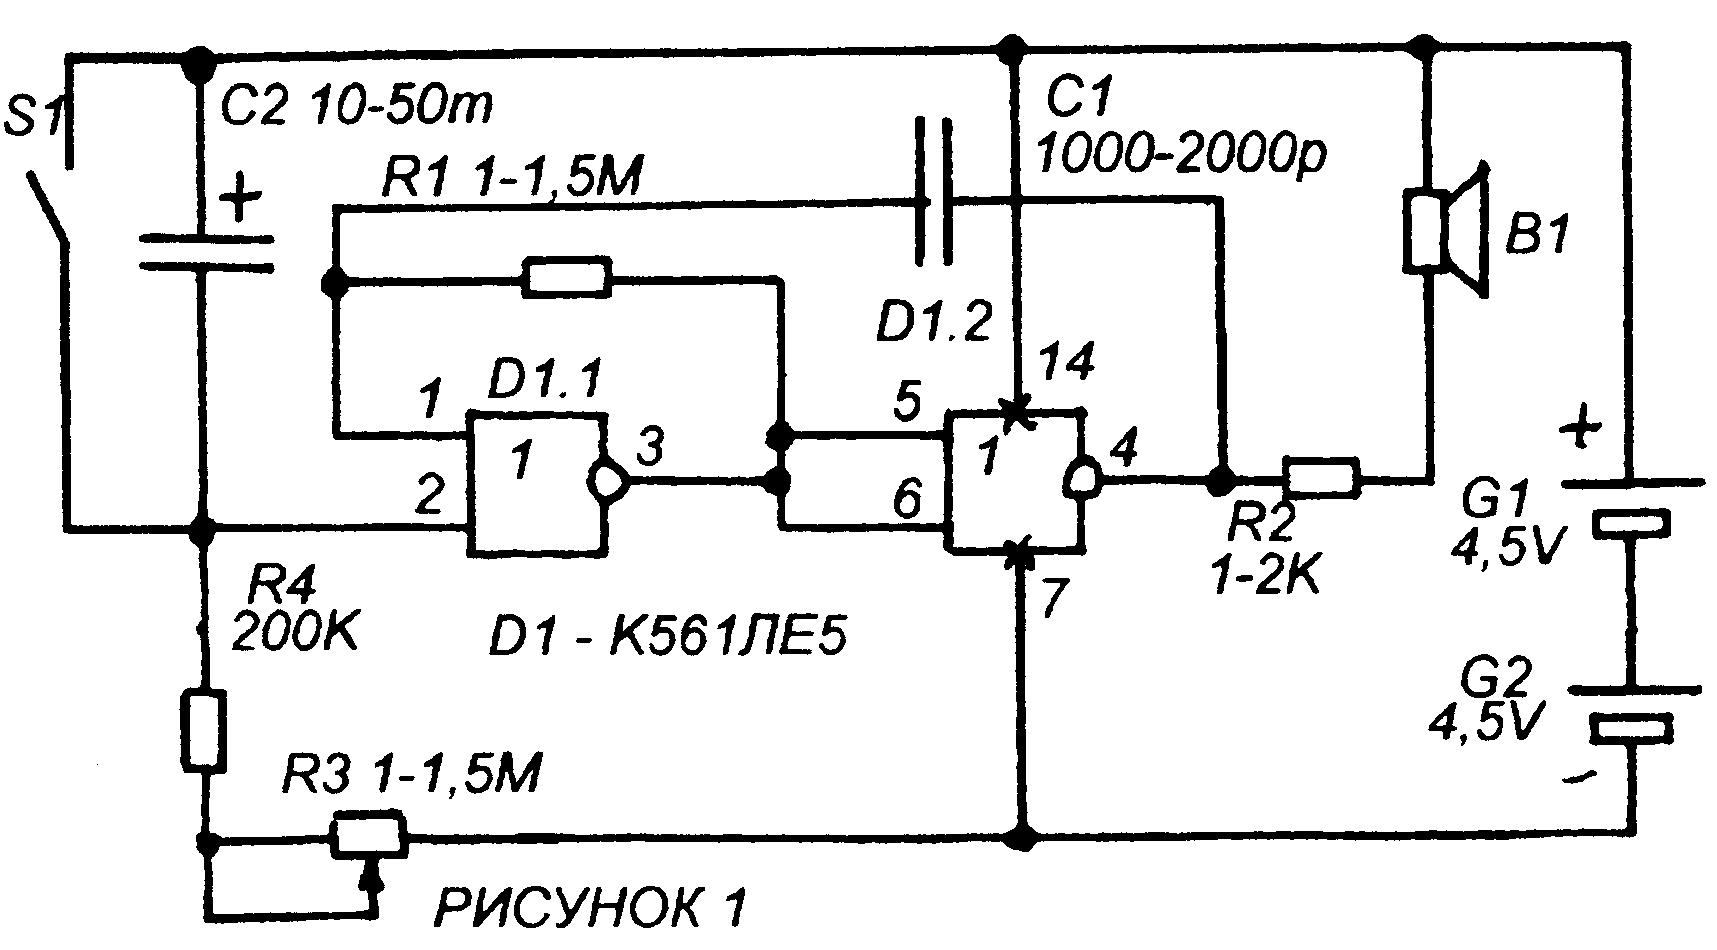 Схема моталки на к561ла7 и к561ле5